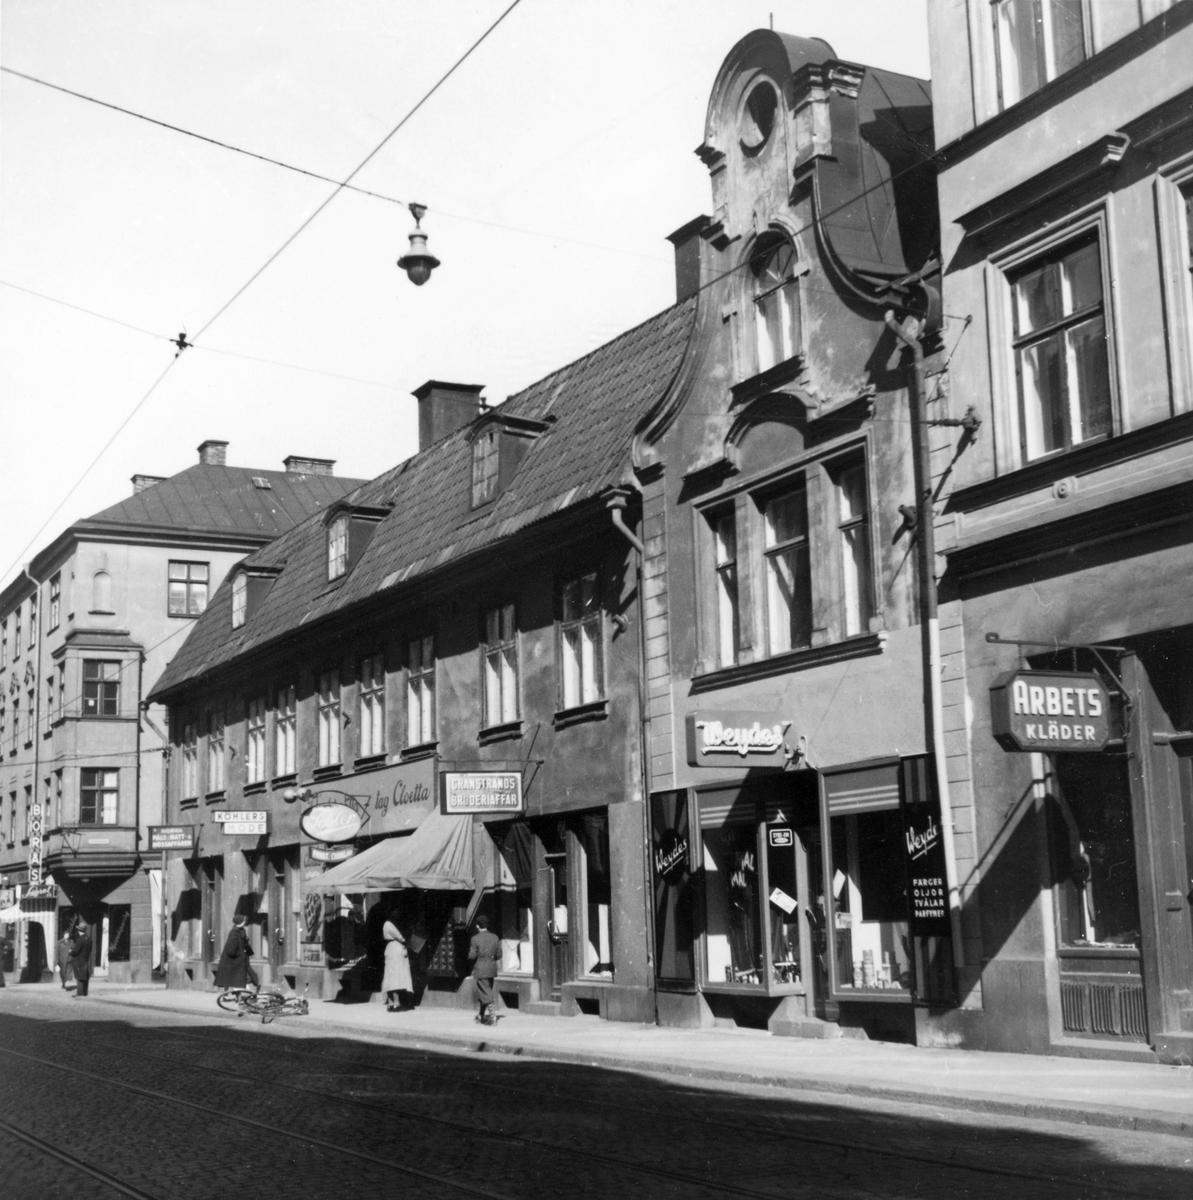 Vy mot Arnbergska gården på Kungsgatan i Norrköping. På femtiotalet var gatan en uttalad affärsgata och spårvagnen traffikerade även denna del av staden. På bilden ses sett urval av de affärer som låg här så som Toblers Frukt och Choklad, Köhlers Mode, Norra Päls - Hatt- & Mössaffären, Granstrands broderiaffär, Weydes, med mera.